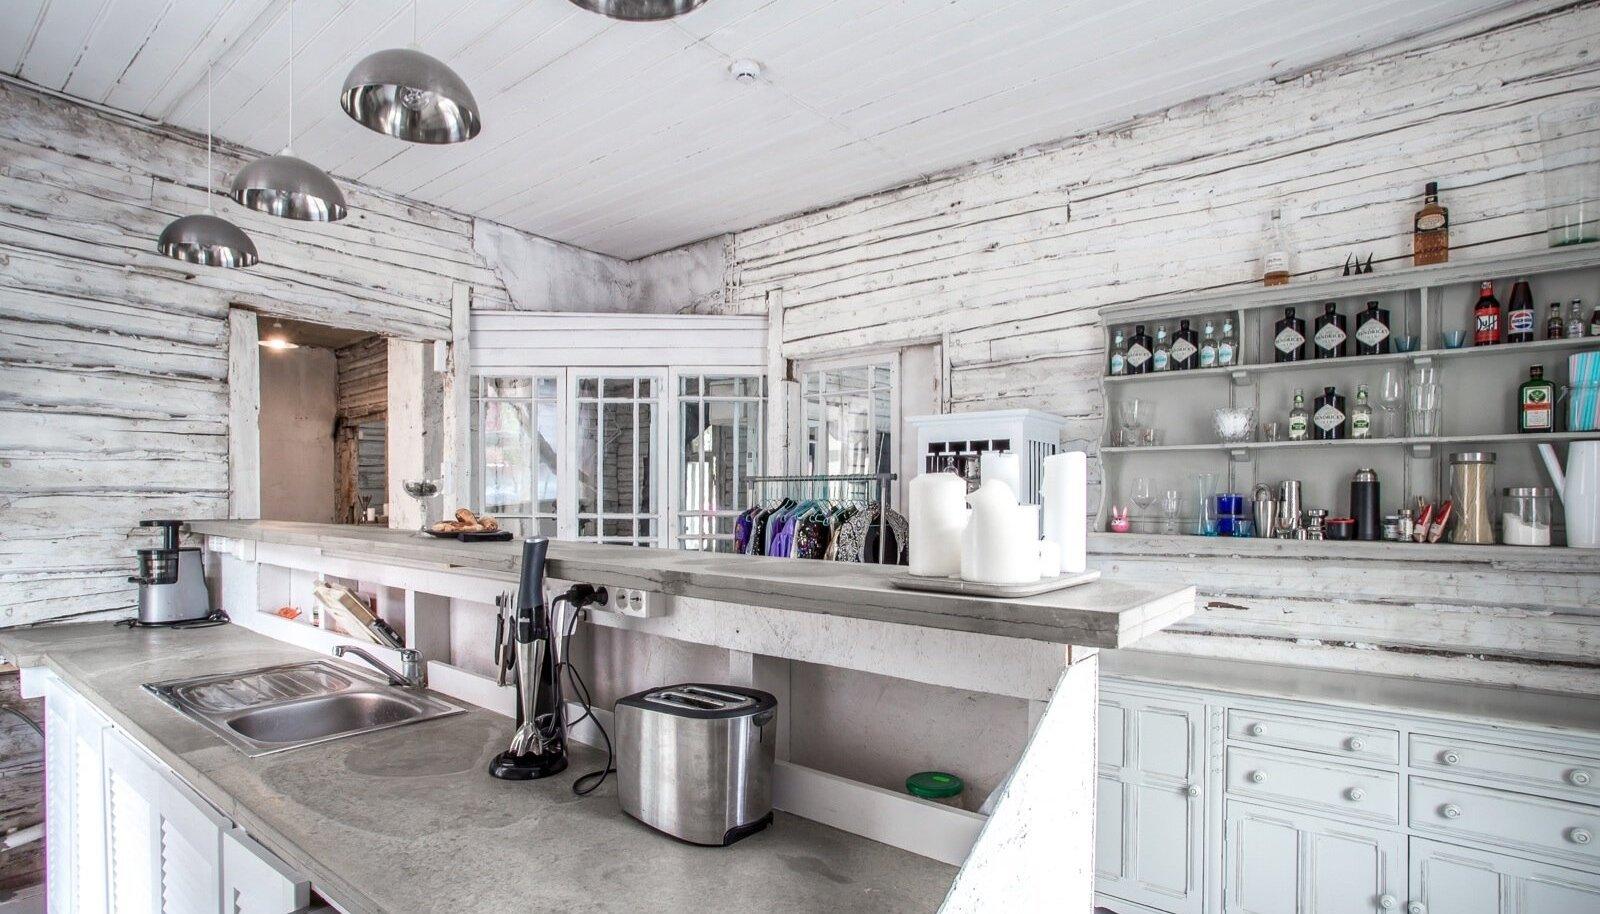 Köögi tööpinnad on valatud betoonist. Valgustid on Ergo teinud IKEA salatikaussidest.